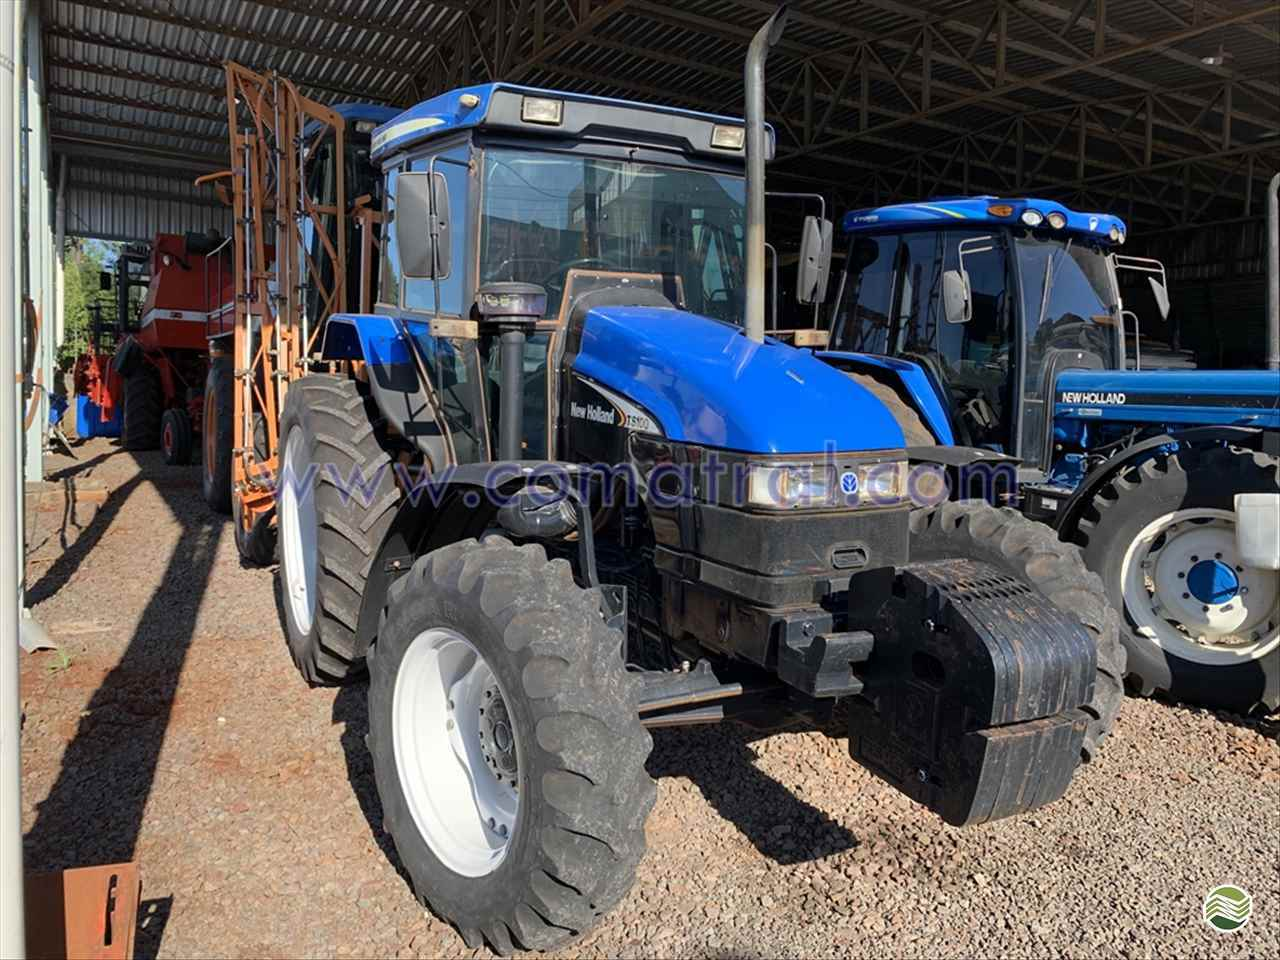 NEW HOLLAND NEW TS 100  2004/2004 Comatral Caminhões e Máquinas Agrícolas